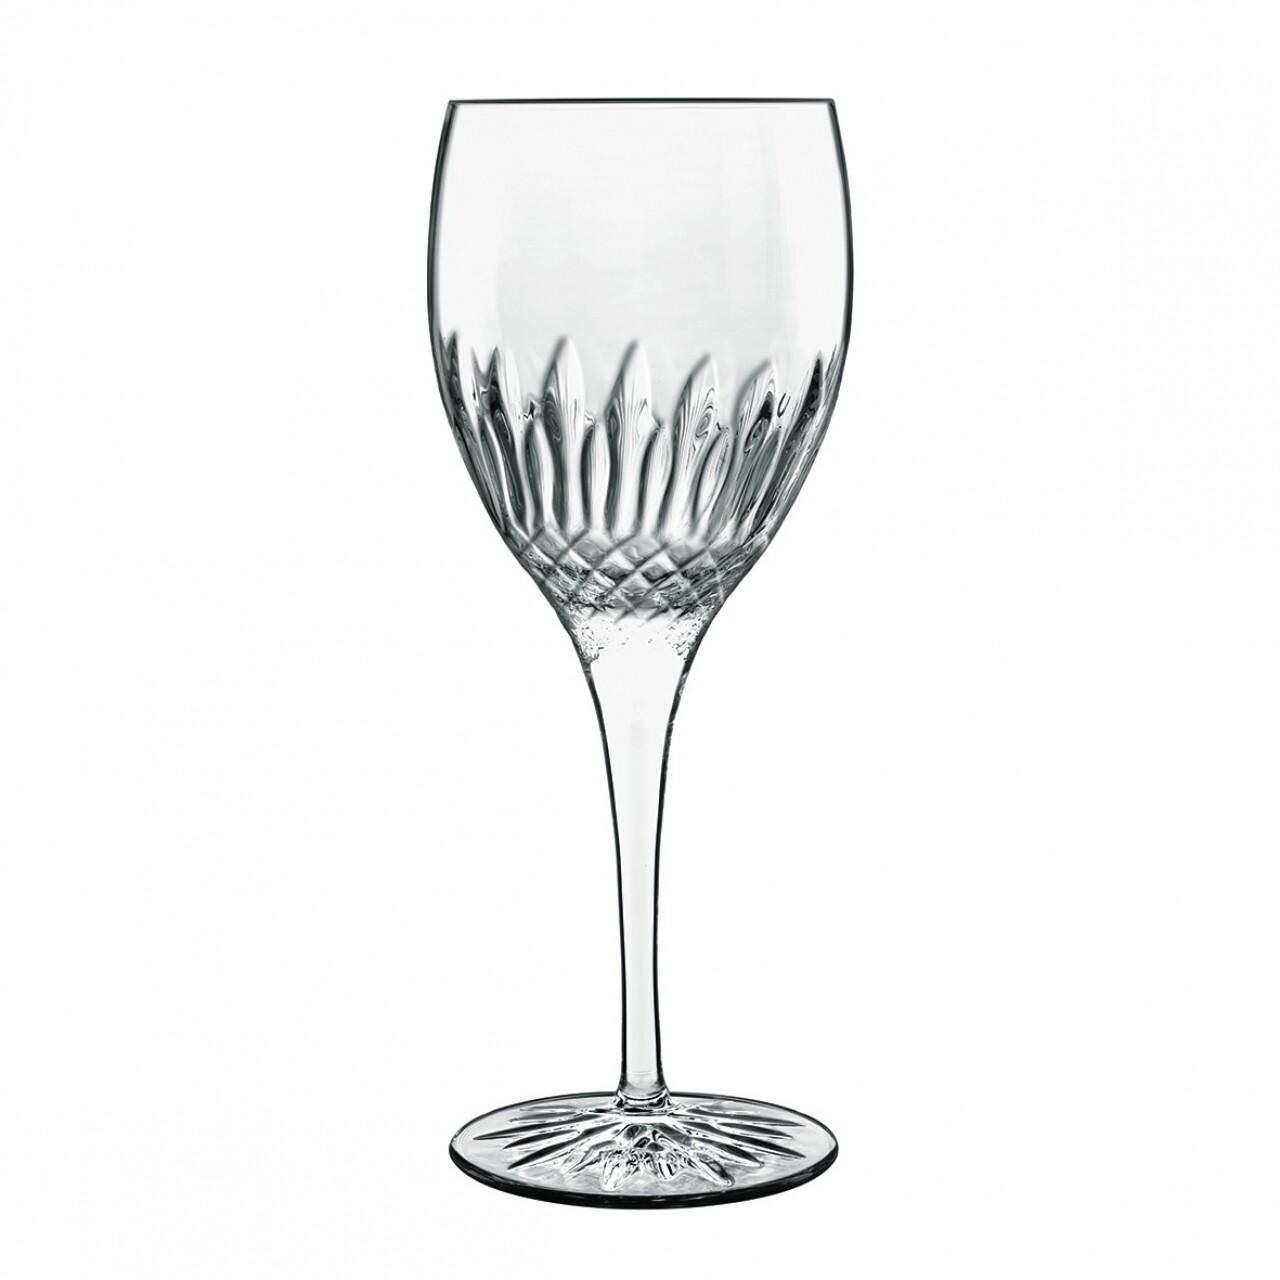 Set 4 pahare sampanie Diamante Riesling, Luigi Bormioli, 354 ml, cristalit, transparent